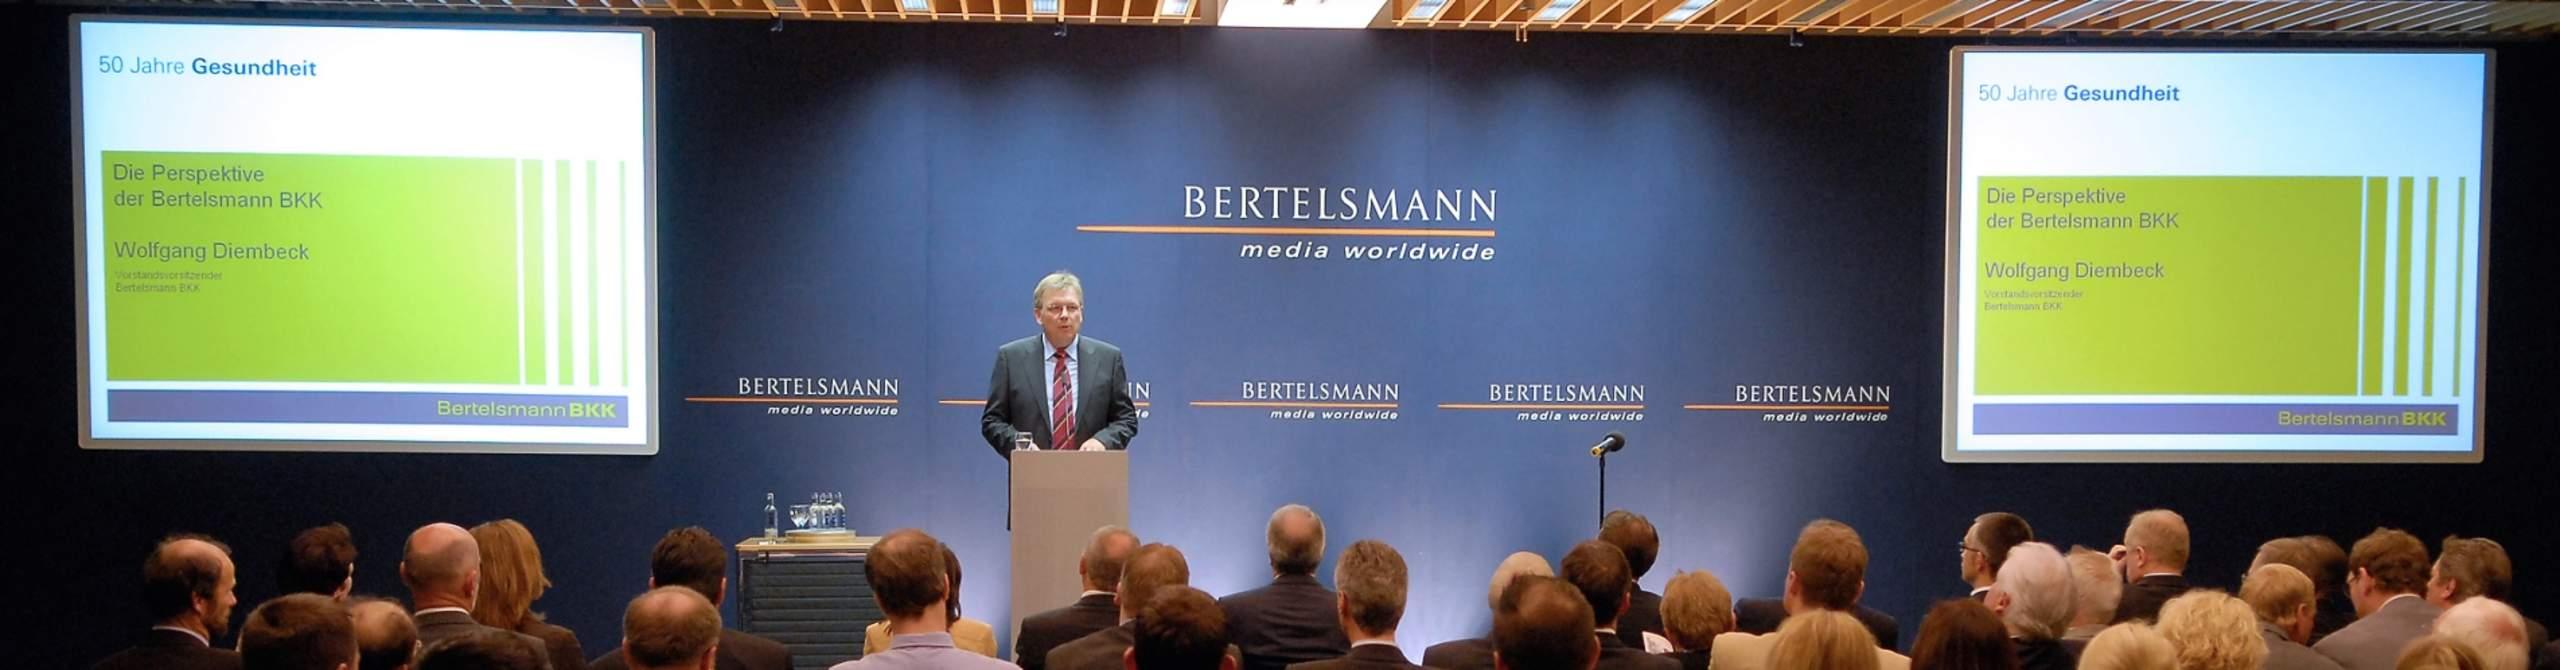 Historie Bertelsmann Bkk